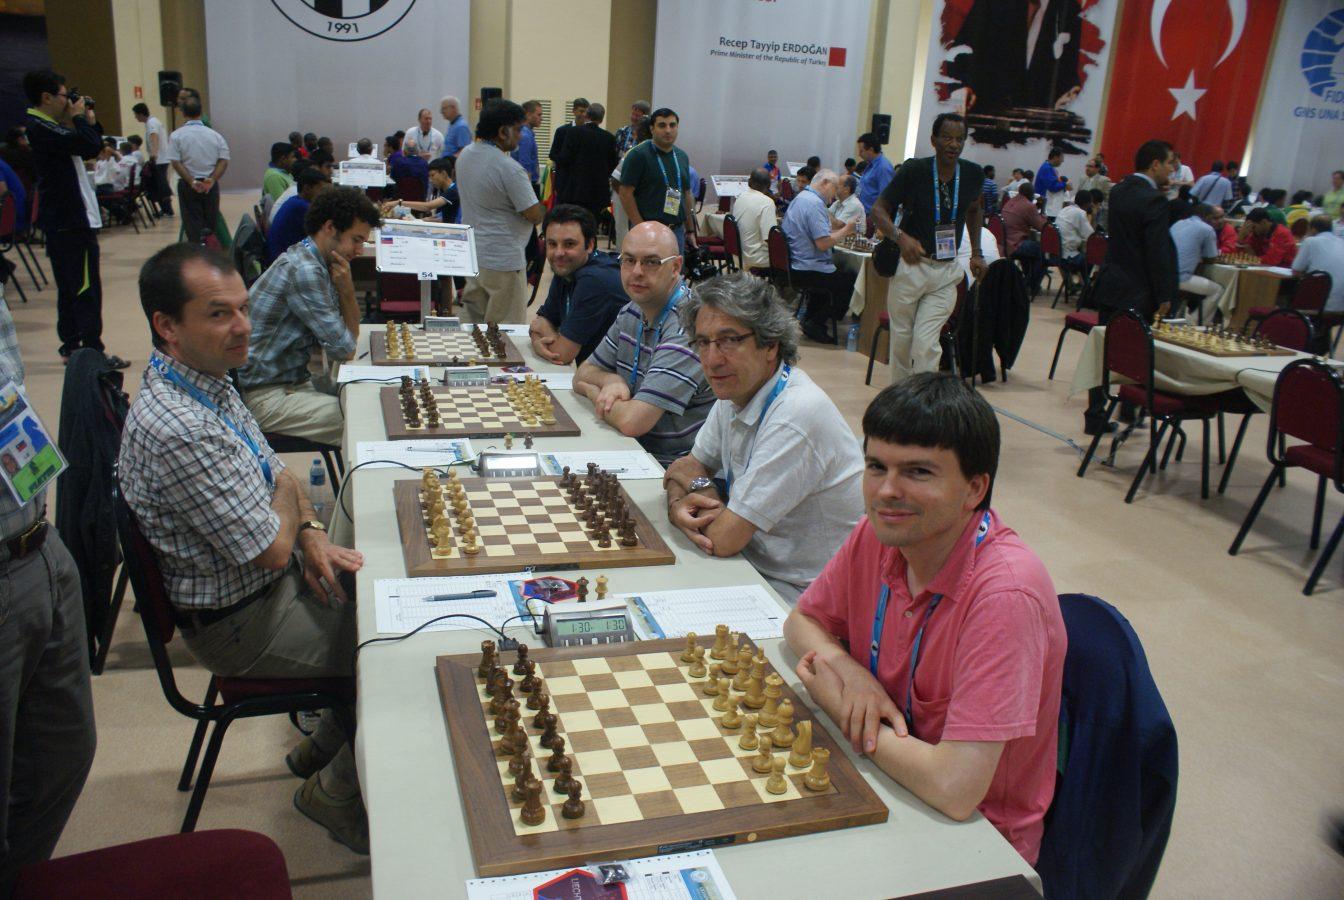 3r Campionat dels Petits Estats d'Europa